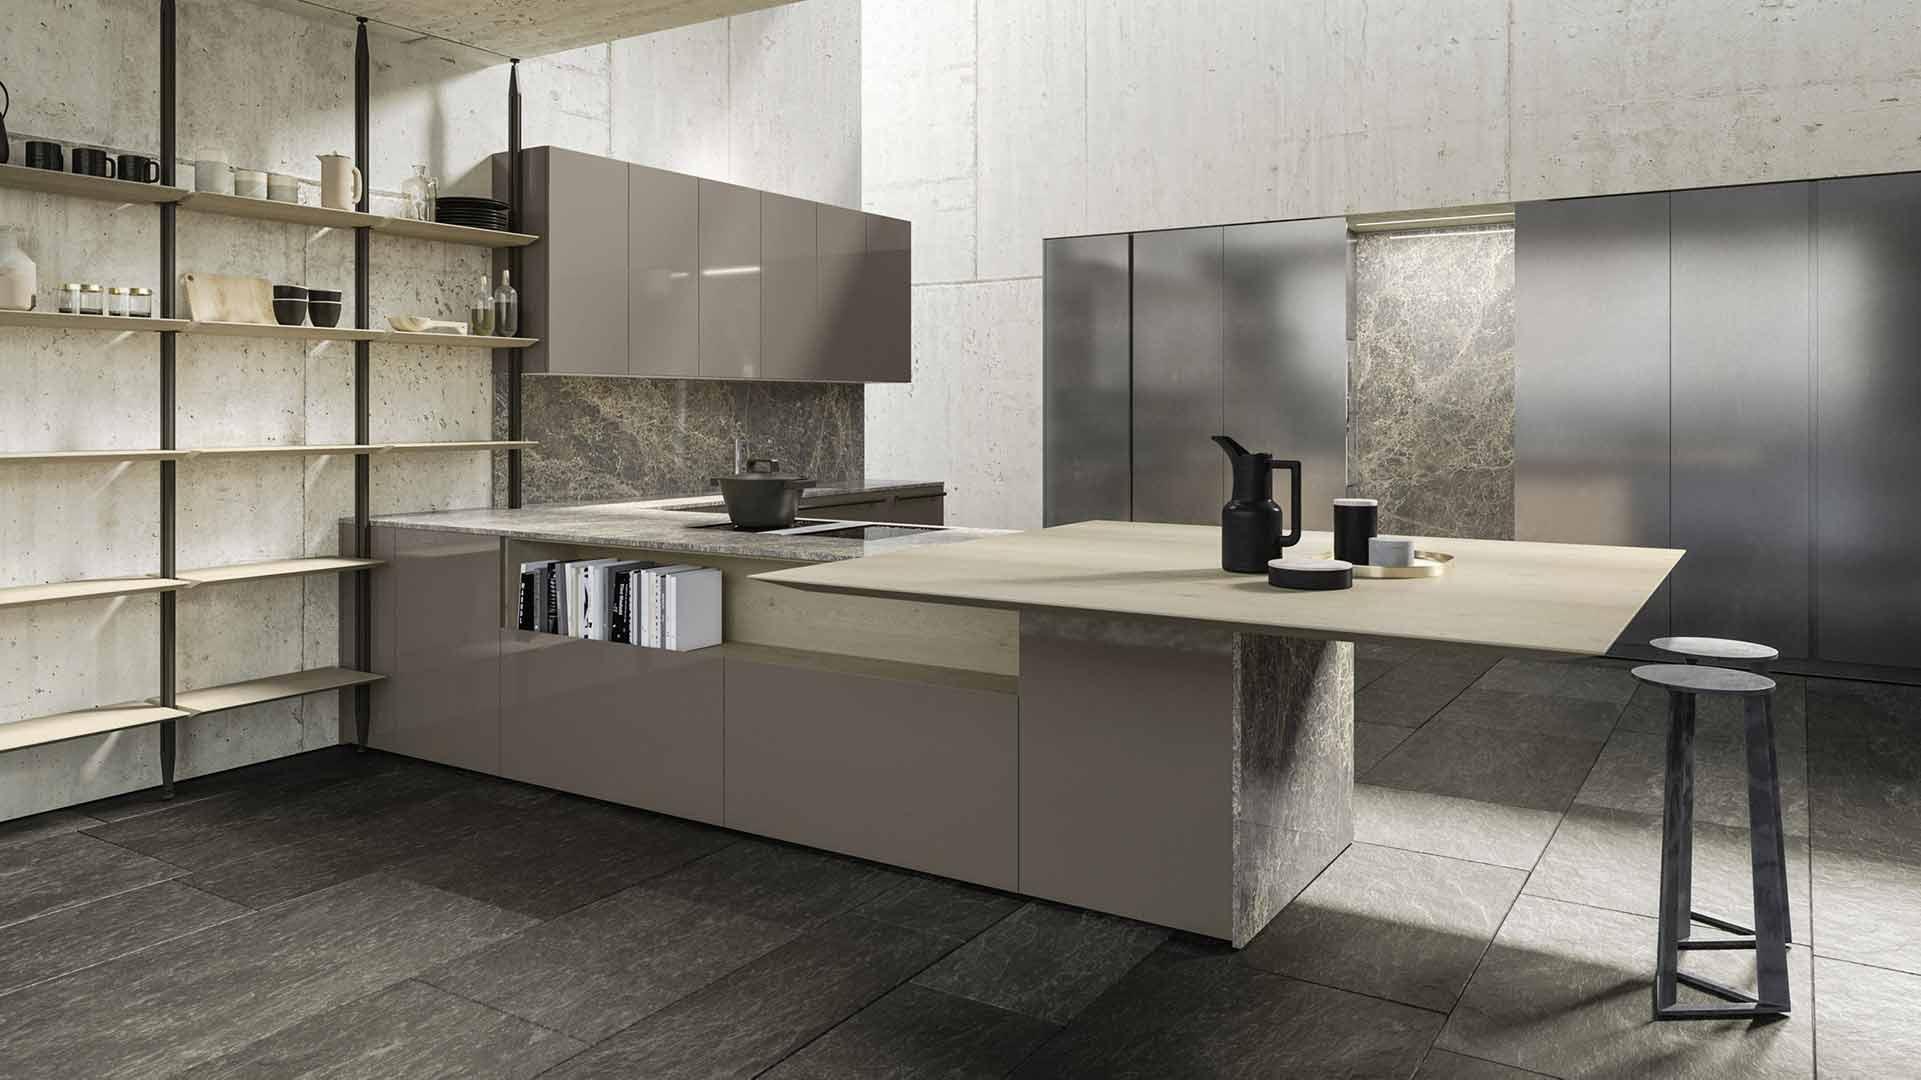 Cucina Grigio Beige & Acciaio Ossidato